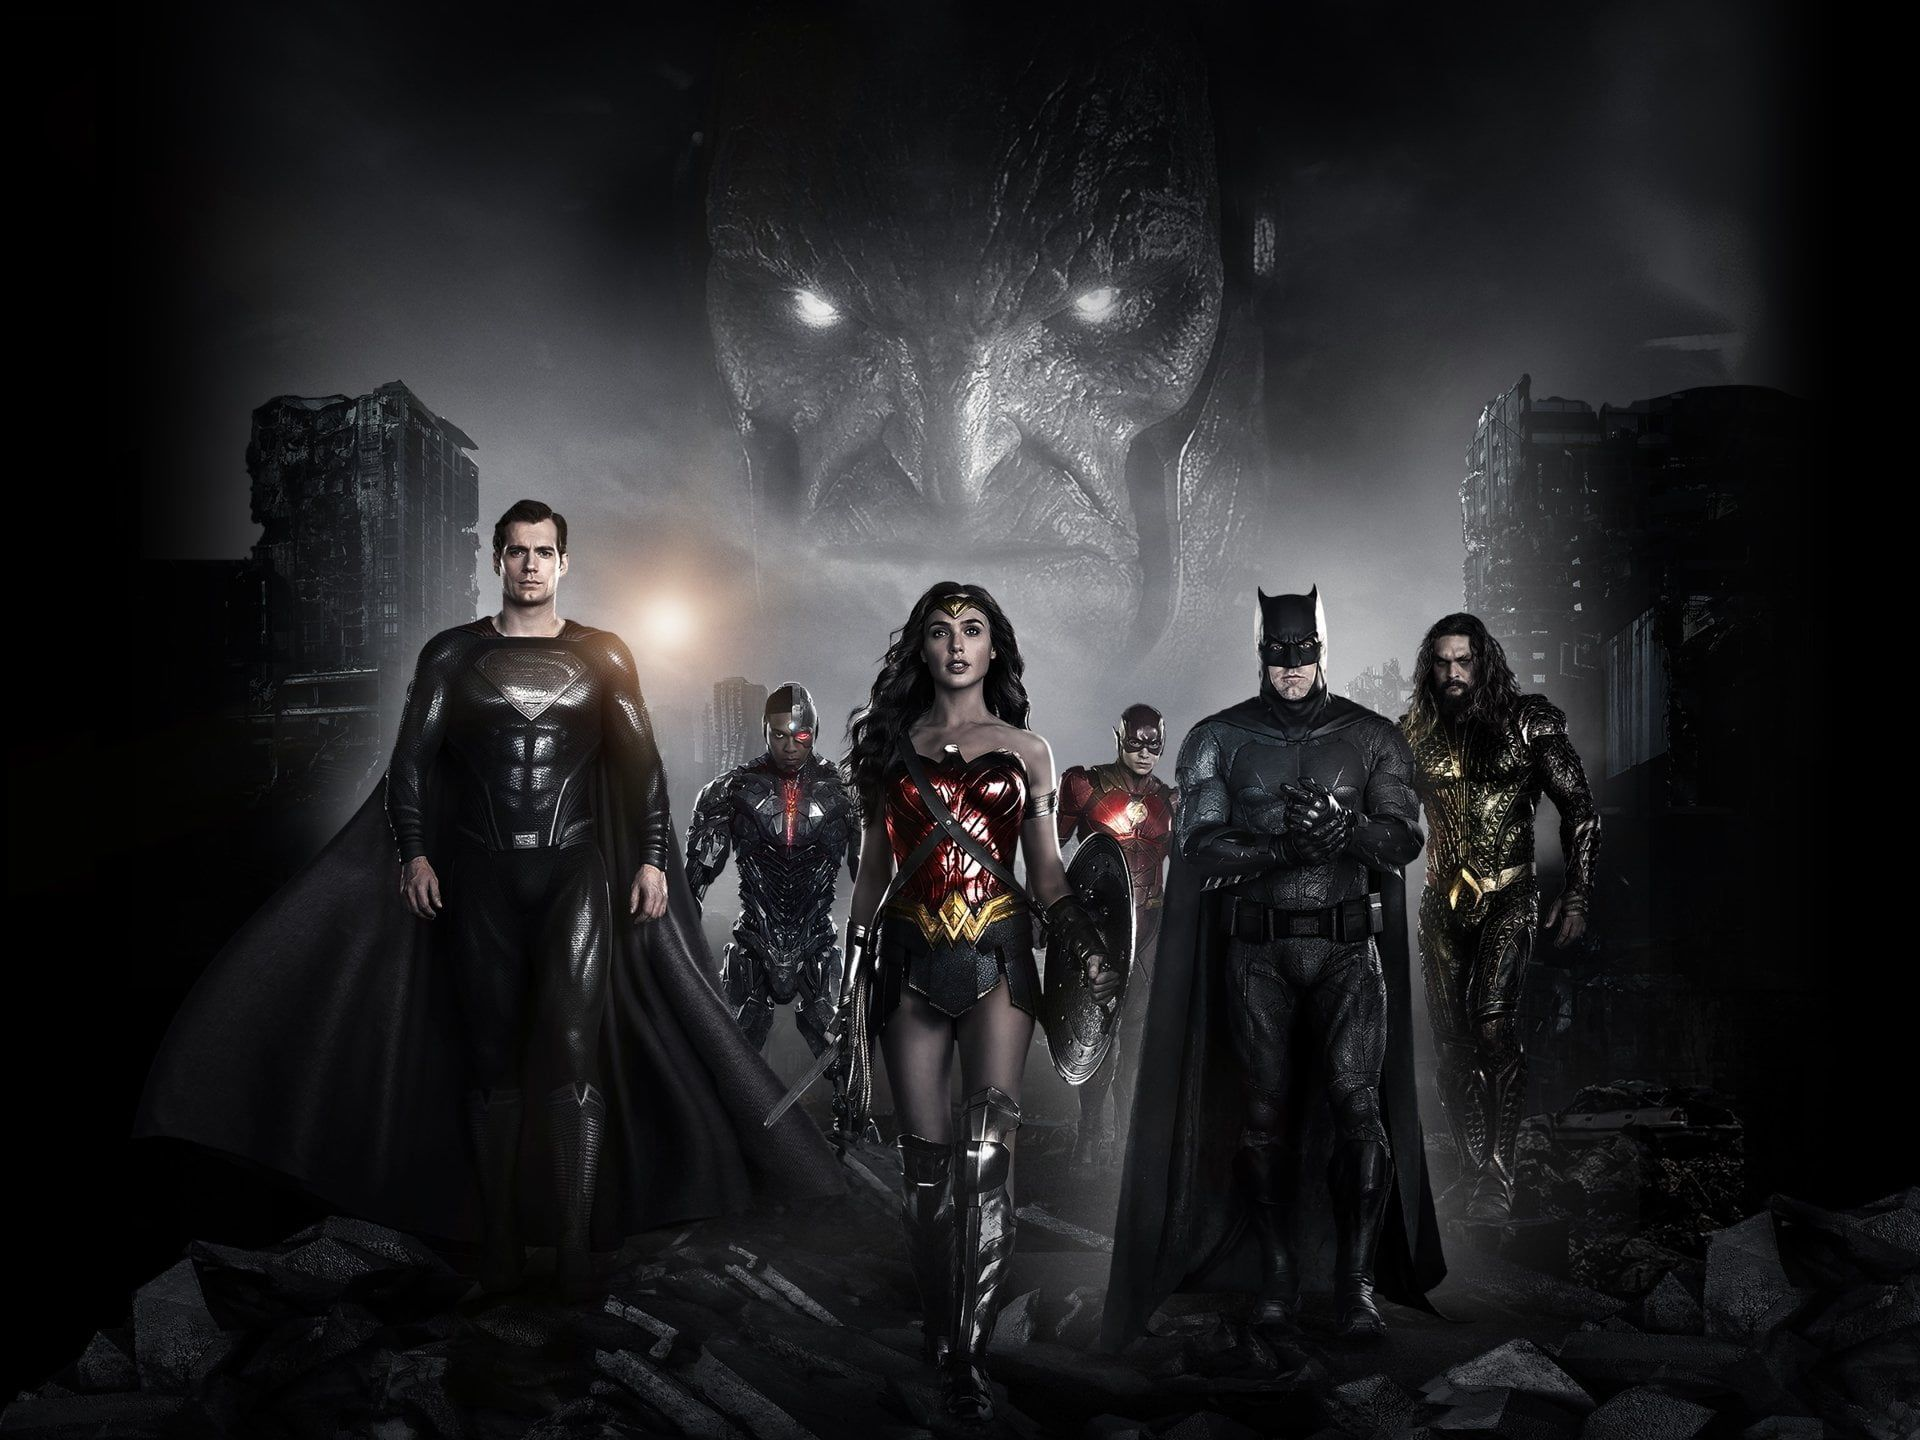 Zack Snyder S Justice League Justice League Movies Dc Comics Dc Universe Science Fiction Warner Brot In 2021 Justice League Cyborg Dc Comics Justice League Characters